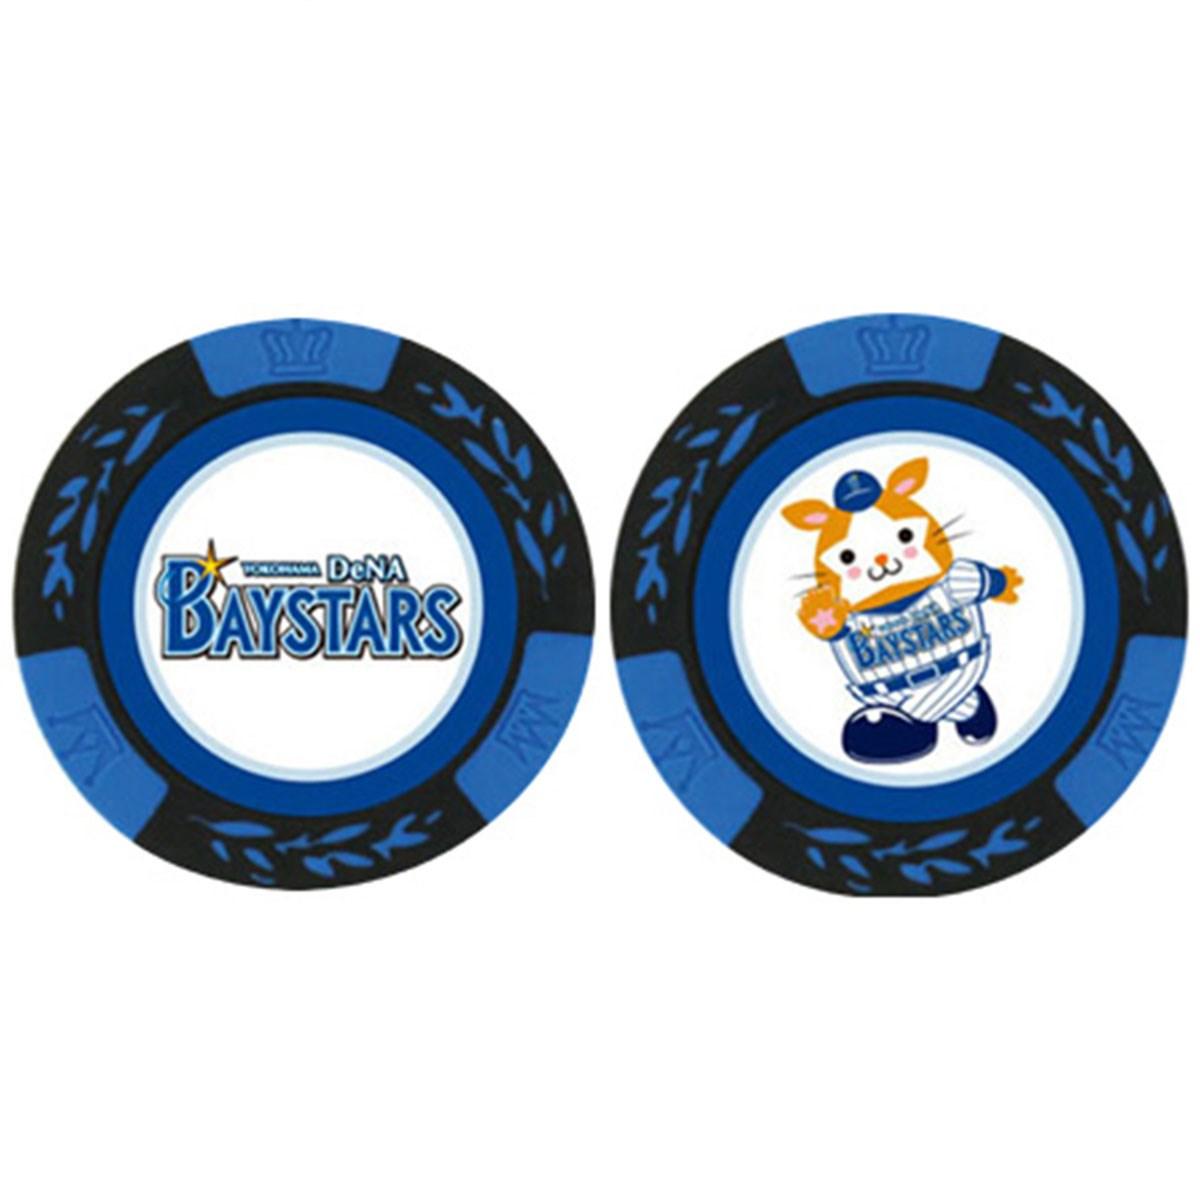 ベイスターズカジノチップマーカー ブルー